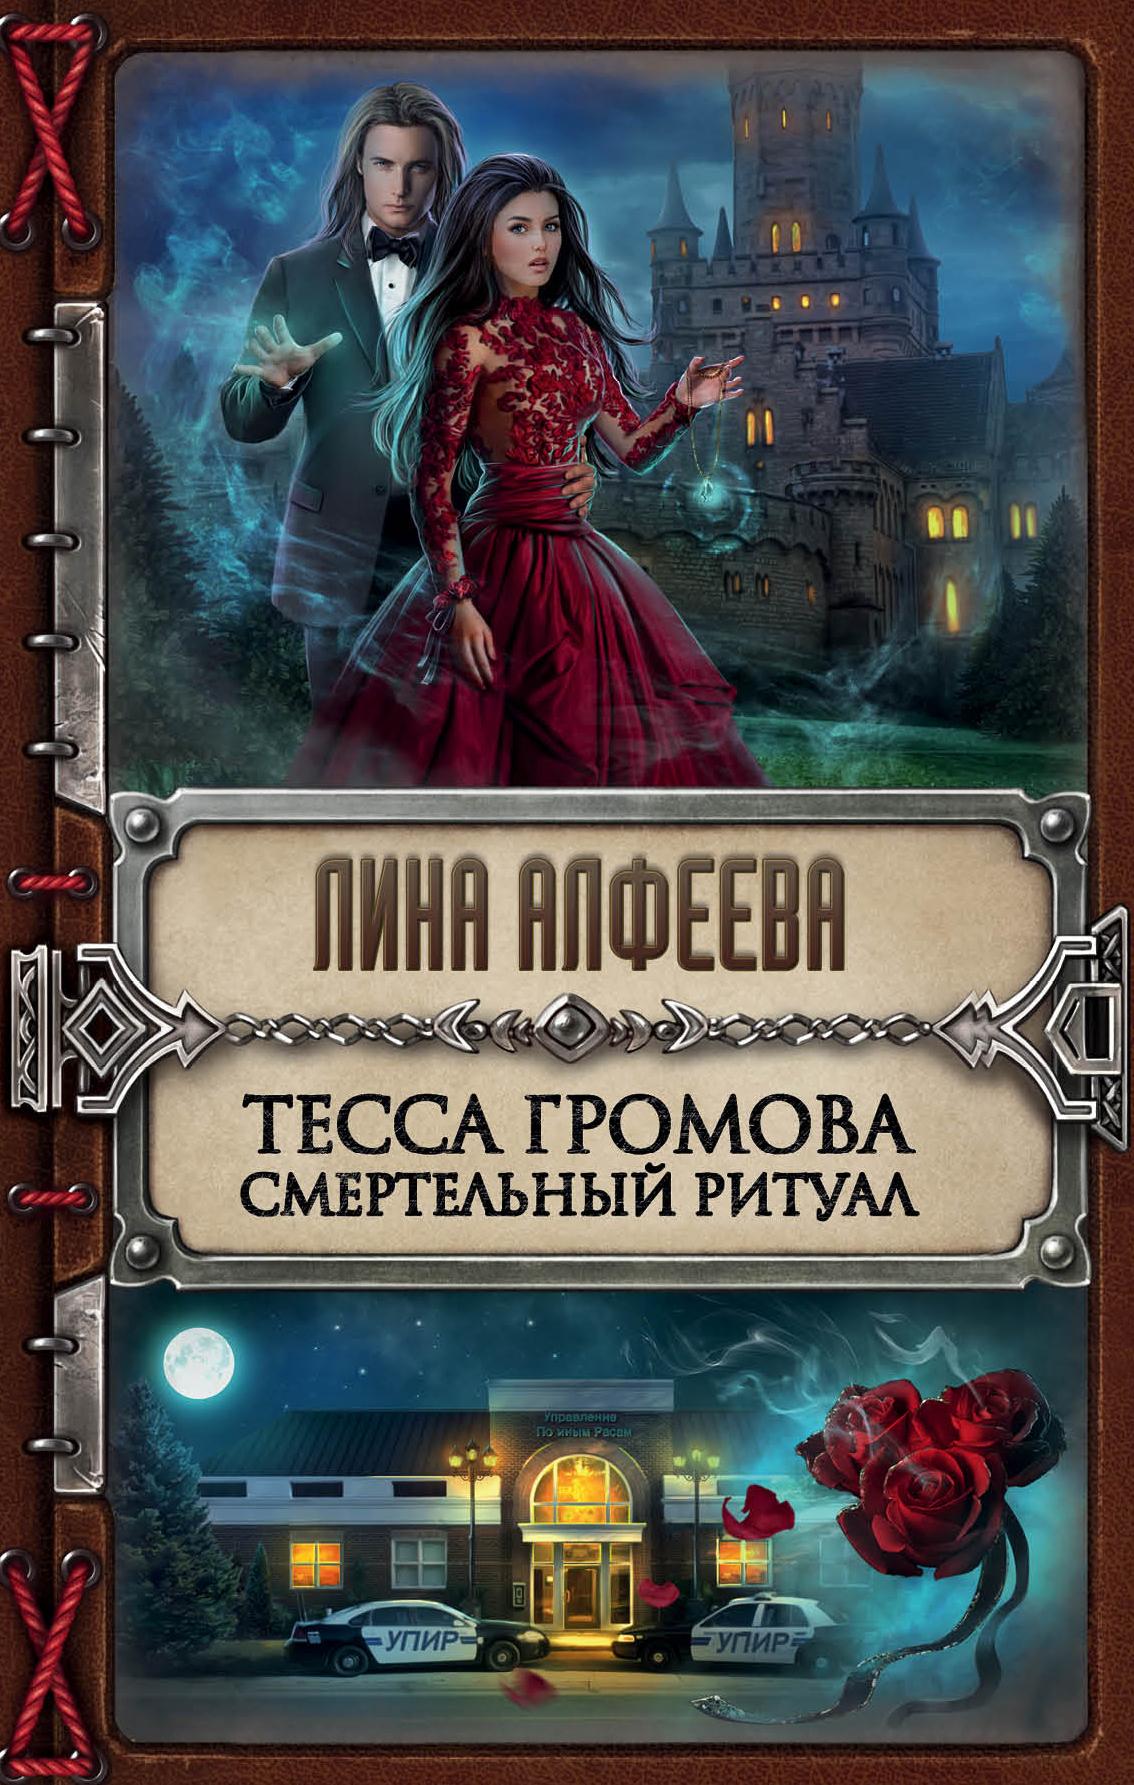 Лина Алфеева Тесса Громова. Смертельный ритуал купить фейри оптом дешево